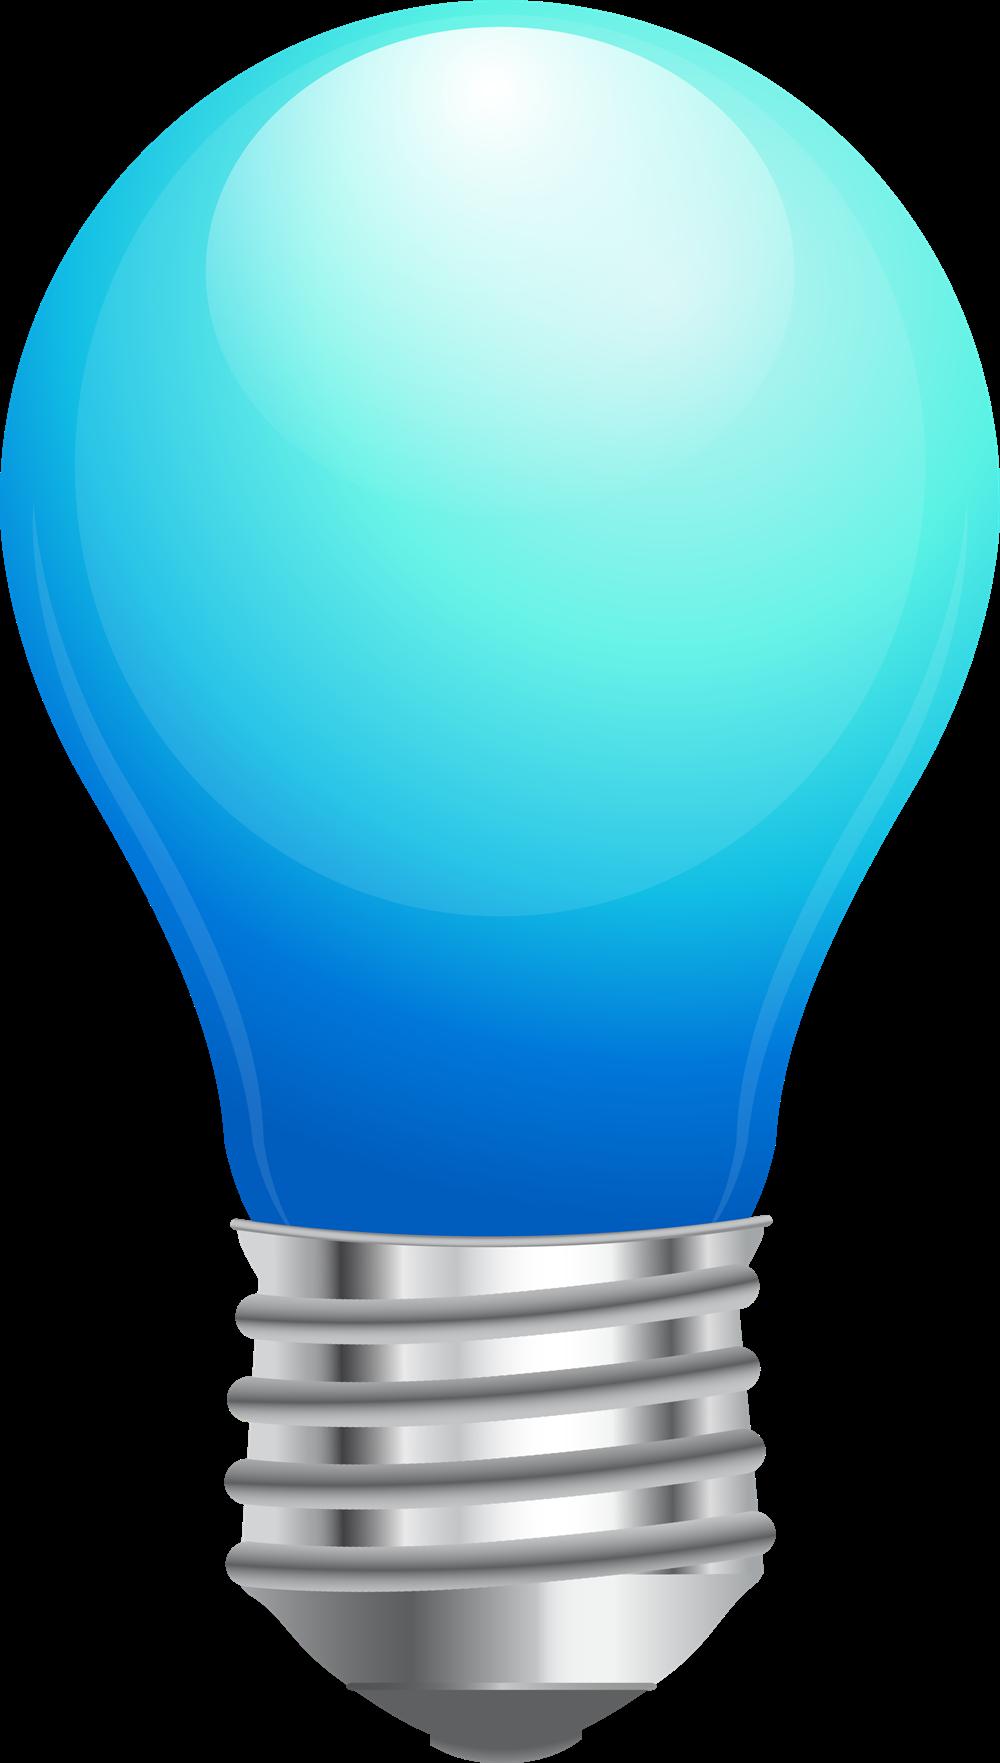 Lighhouse divider free on. Lamp clipart light globe